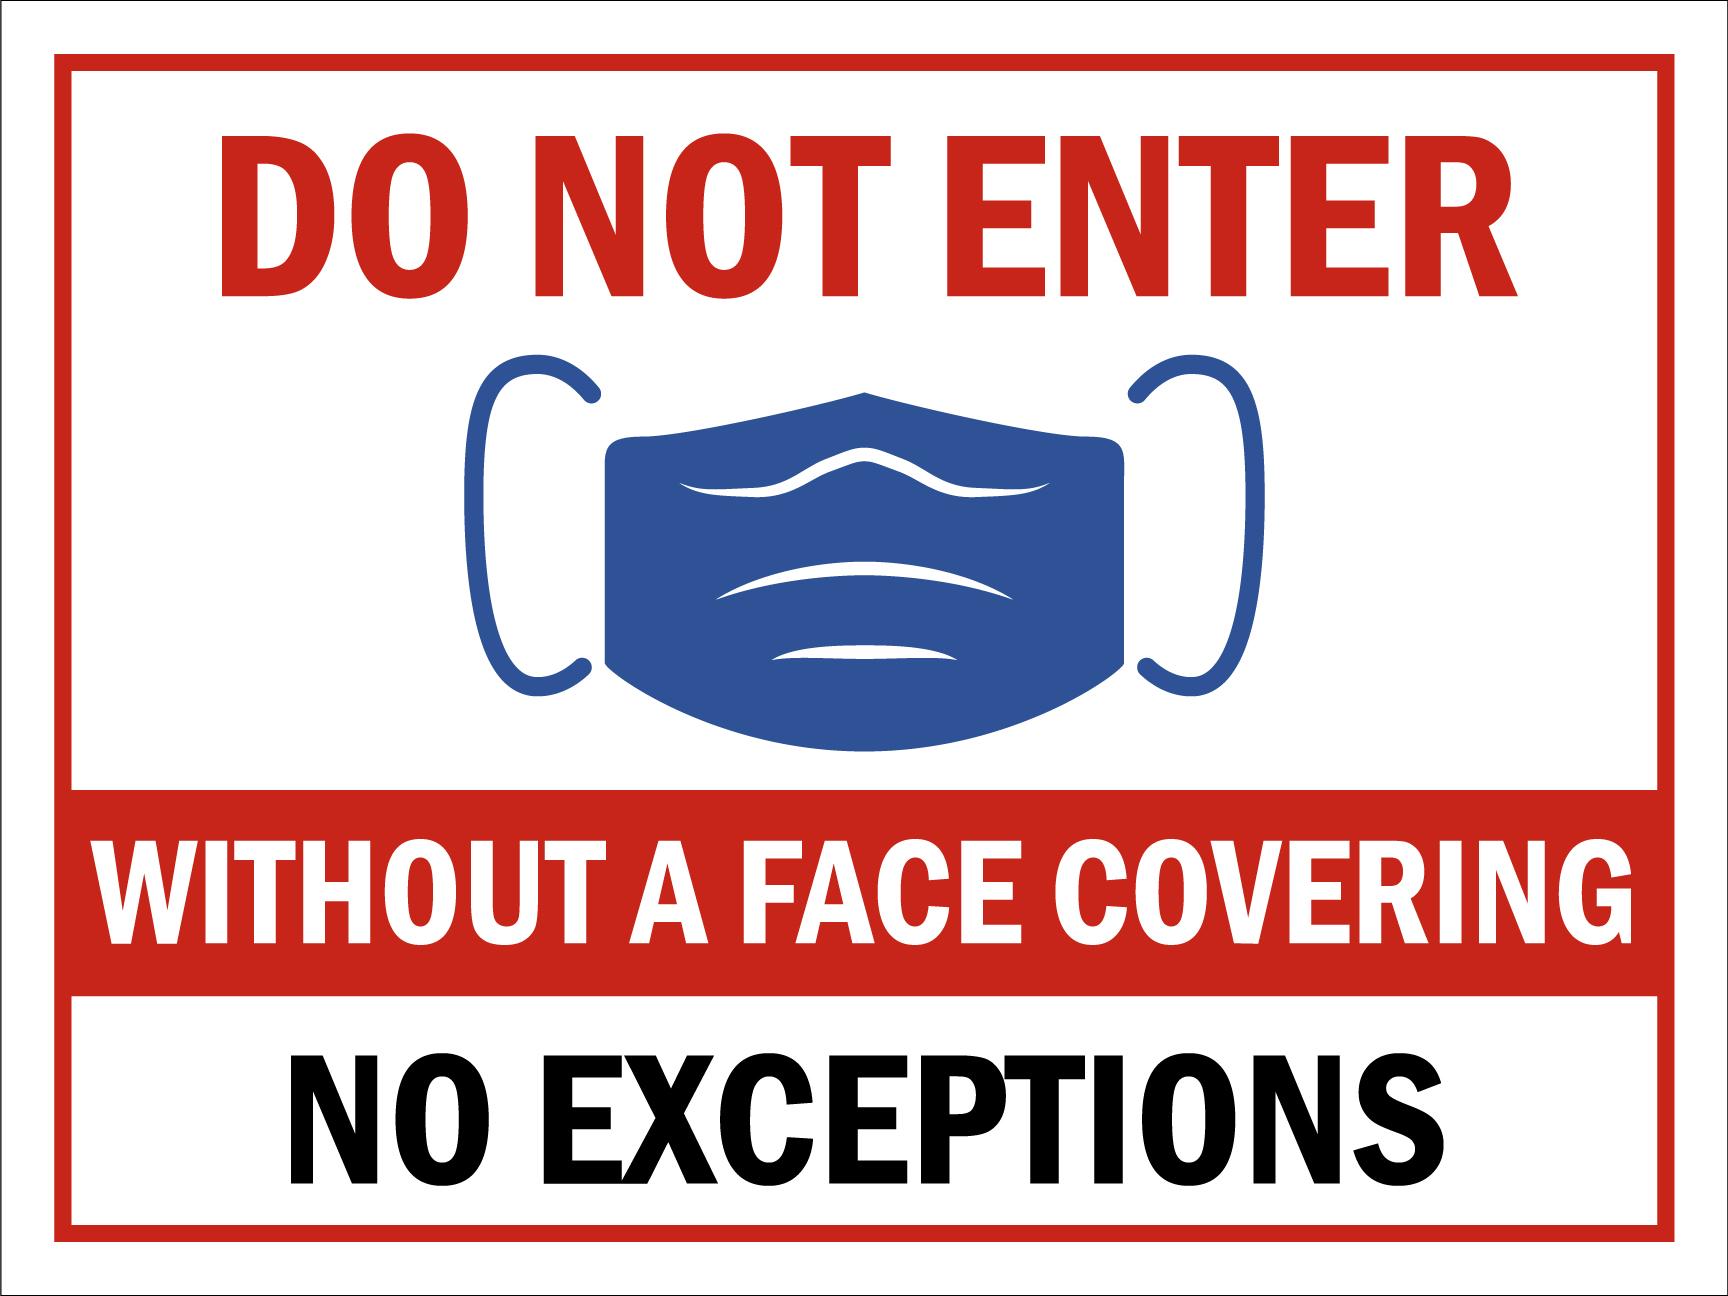 #CV929 NO EXCEPTIONS